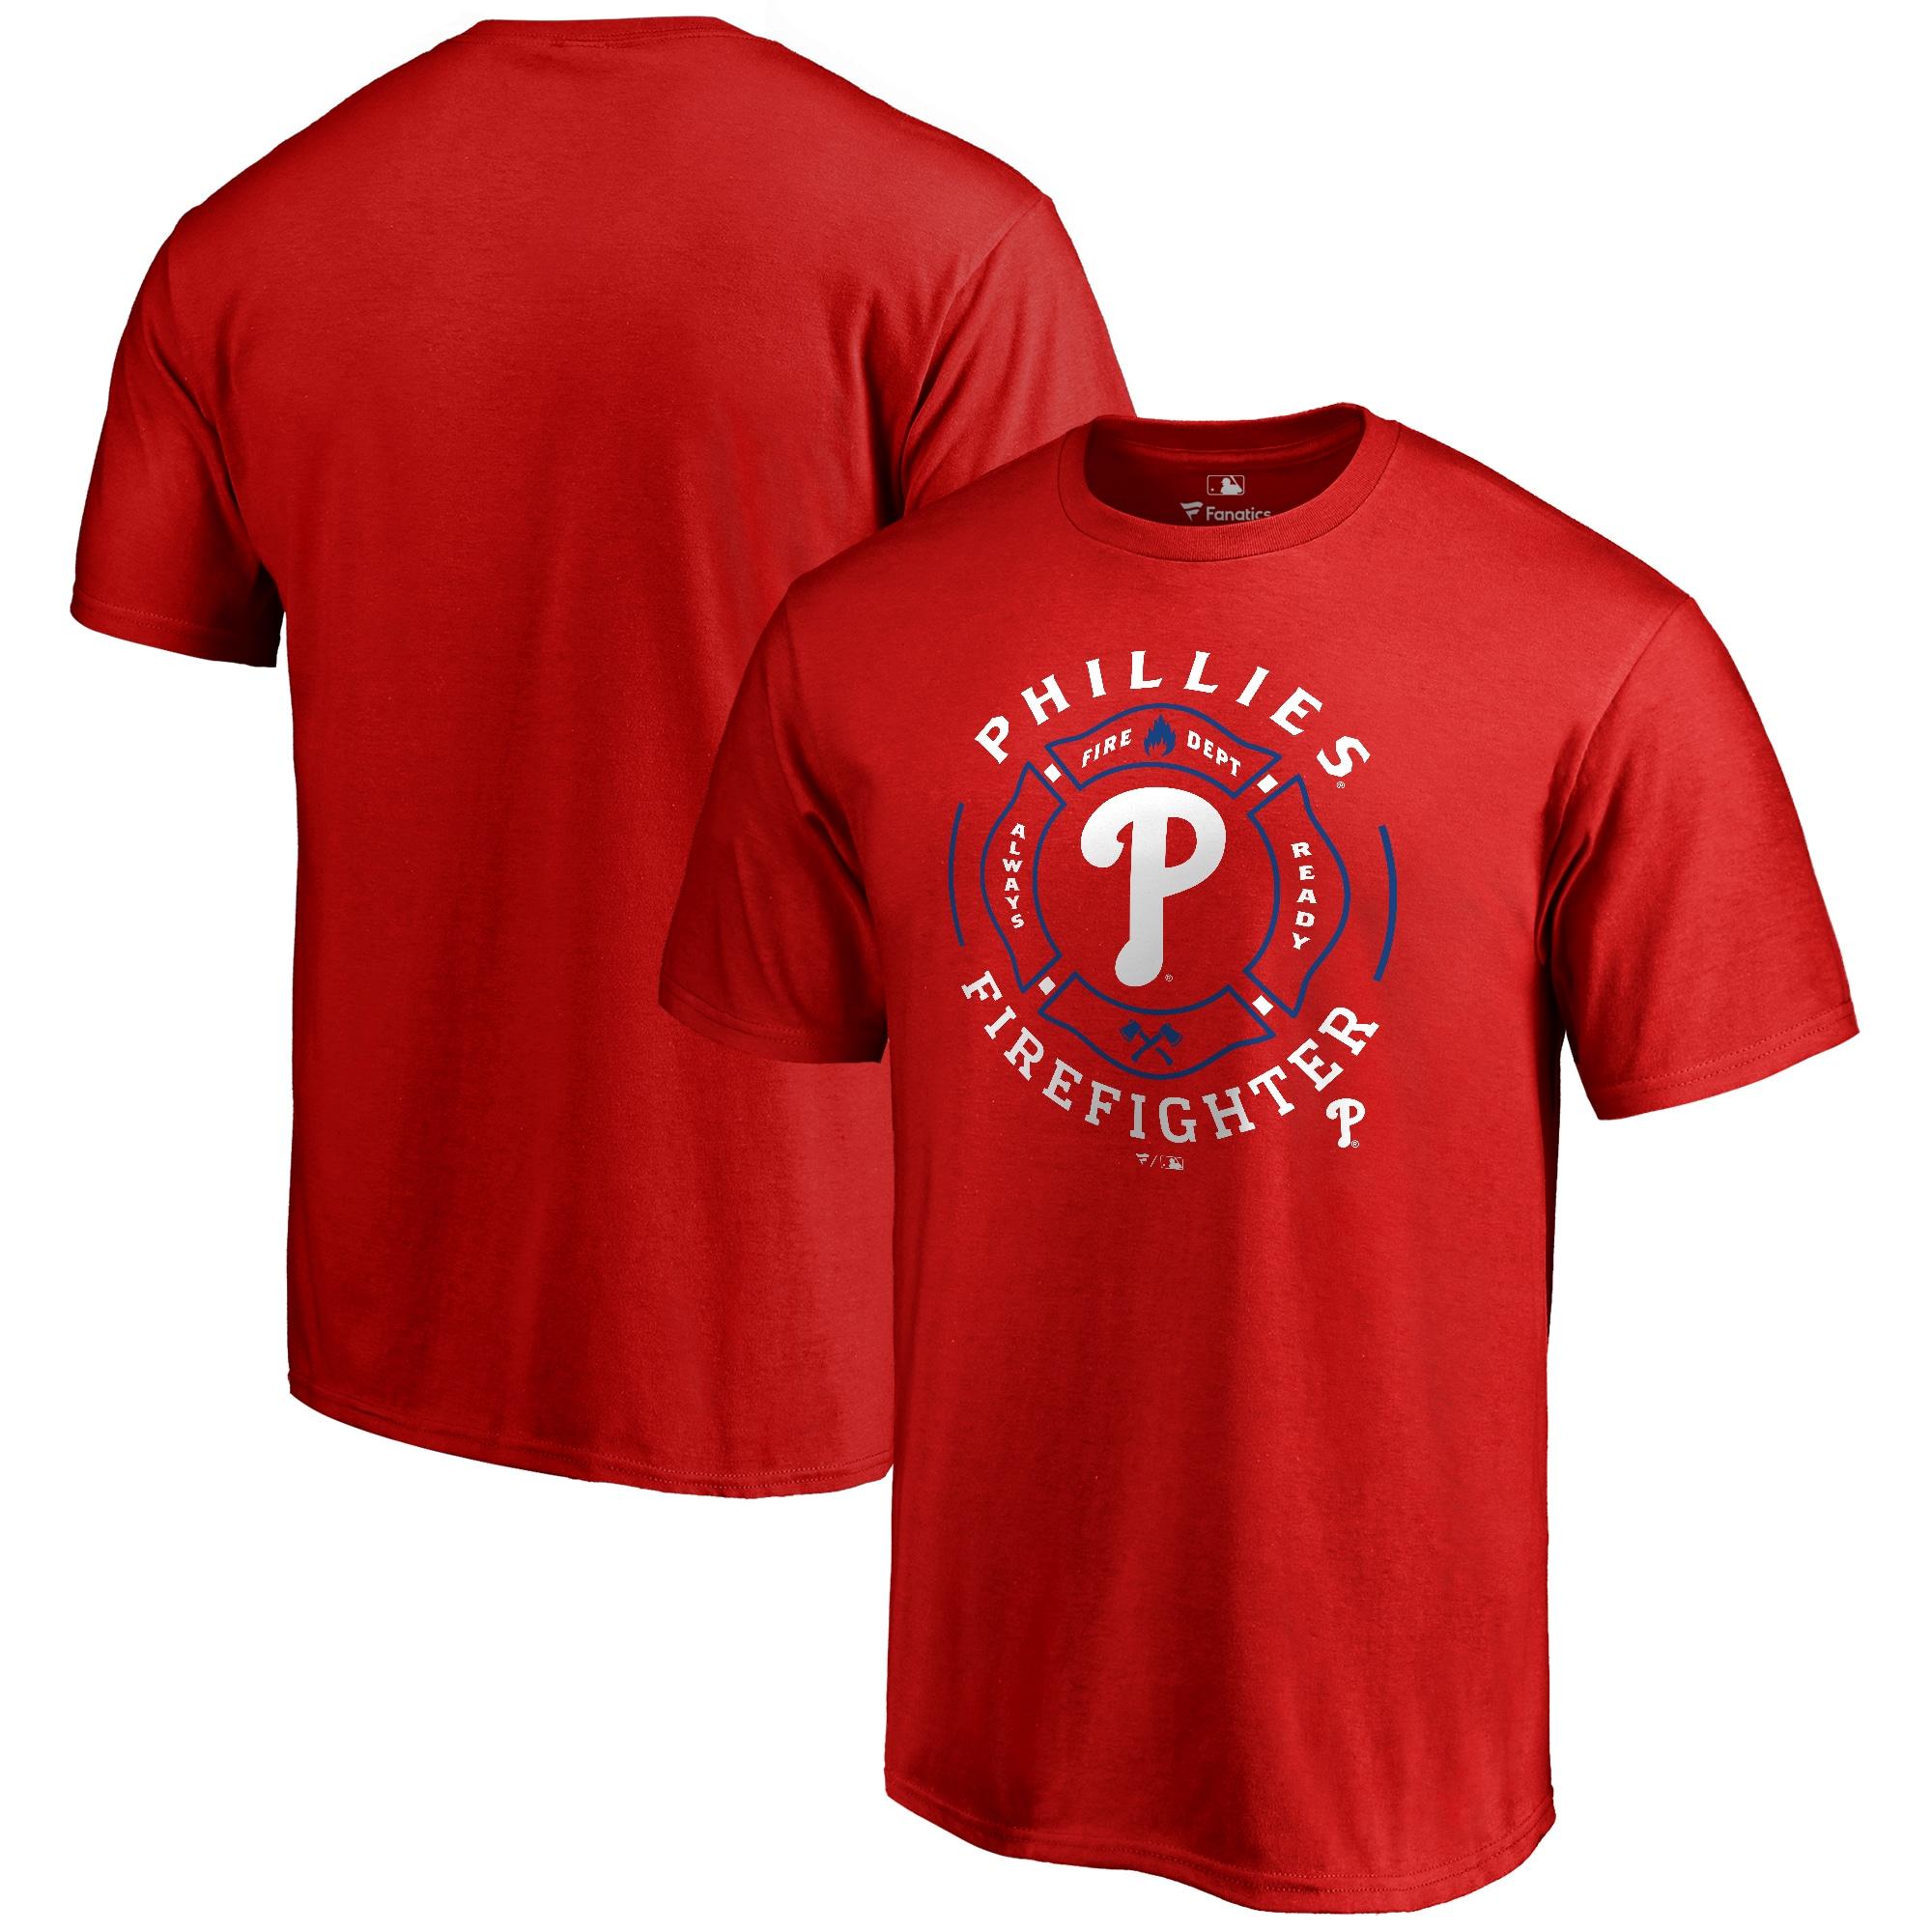 Philadelphia Phillies Firefighter T-Shirt - Red